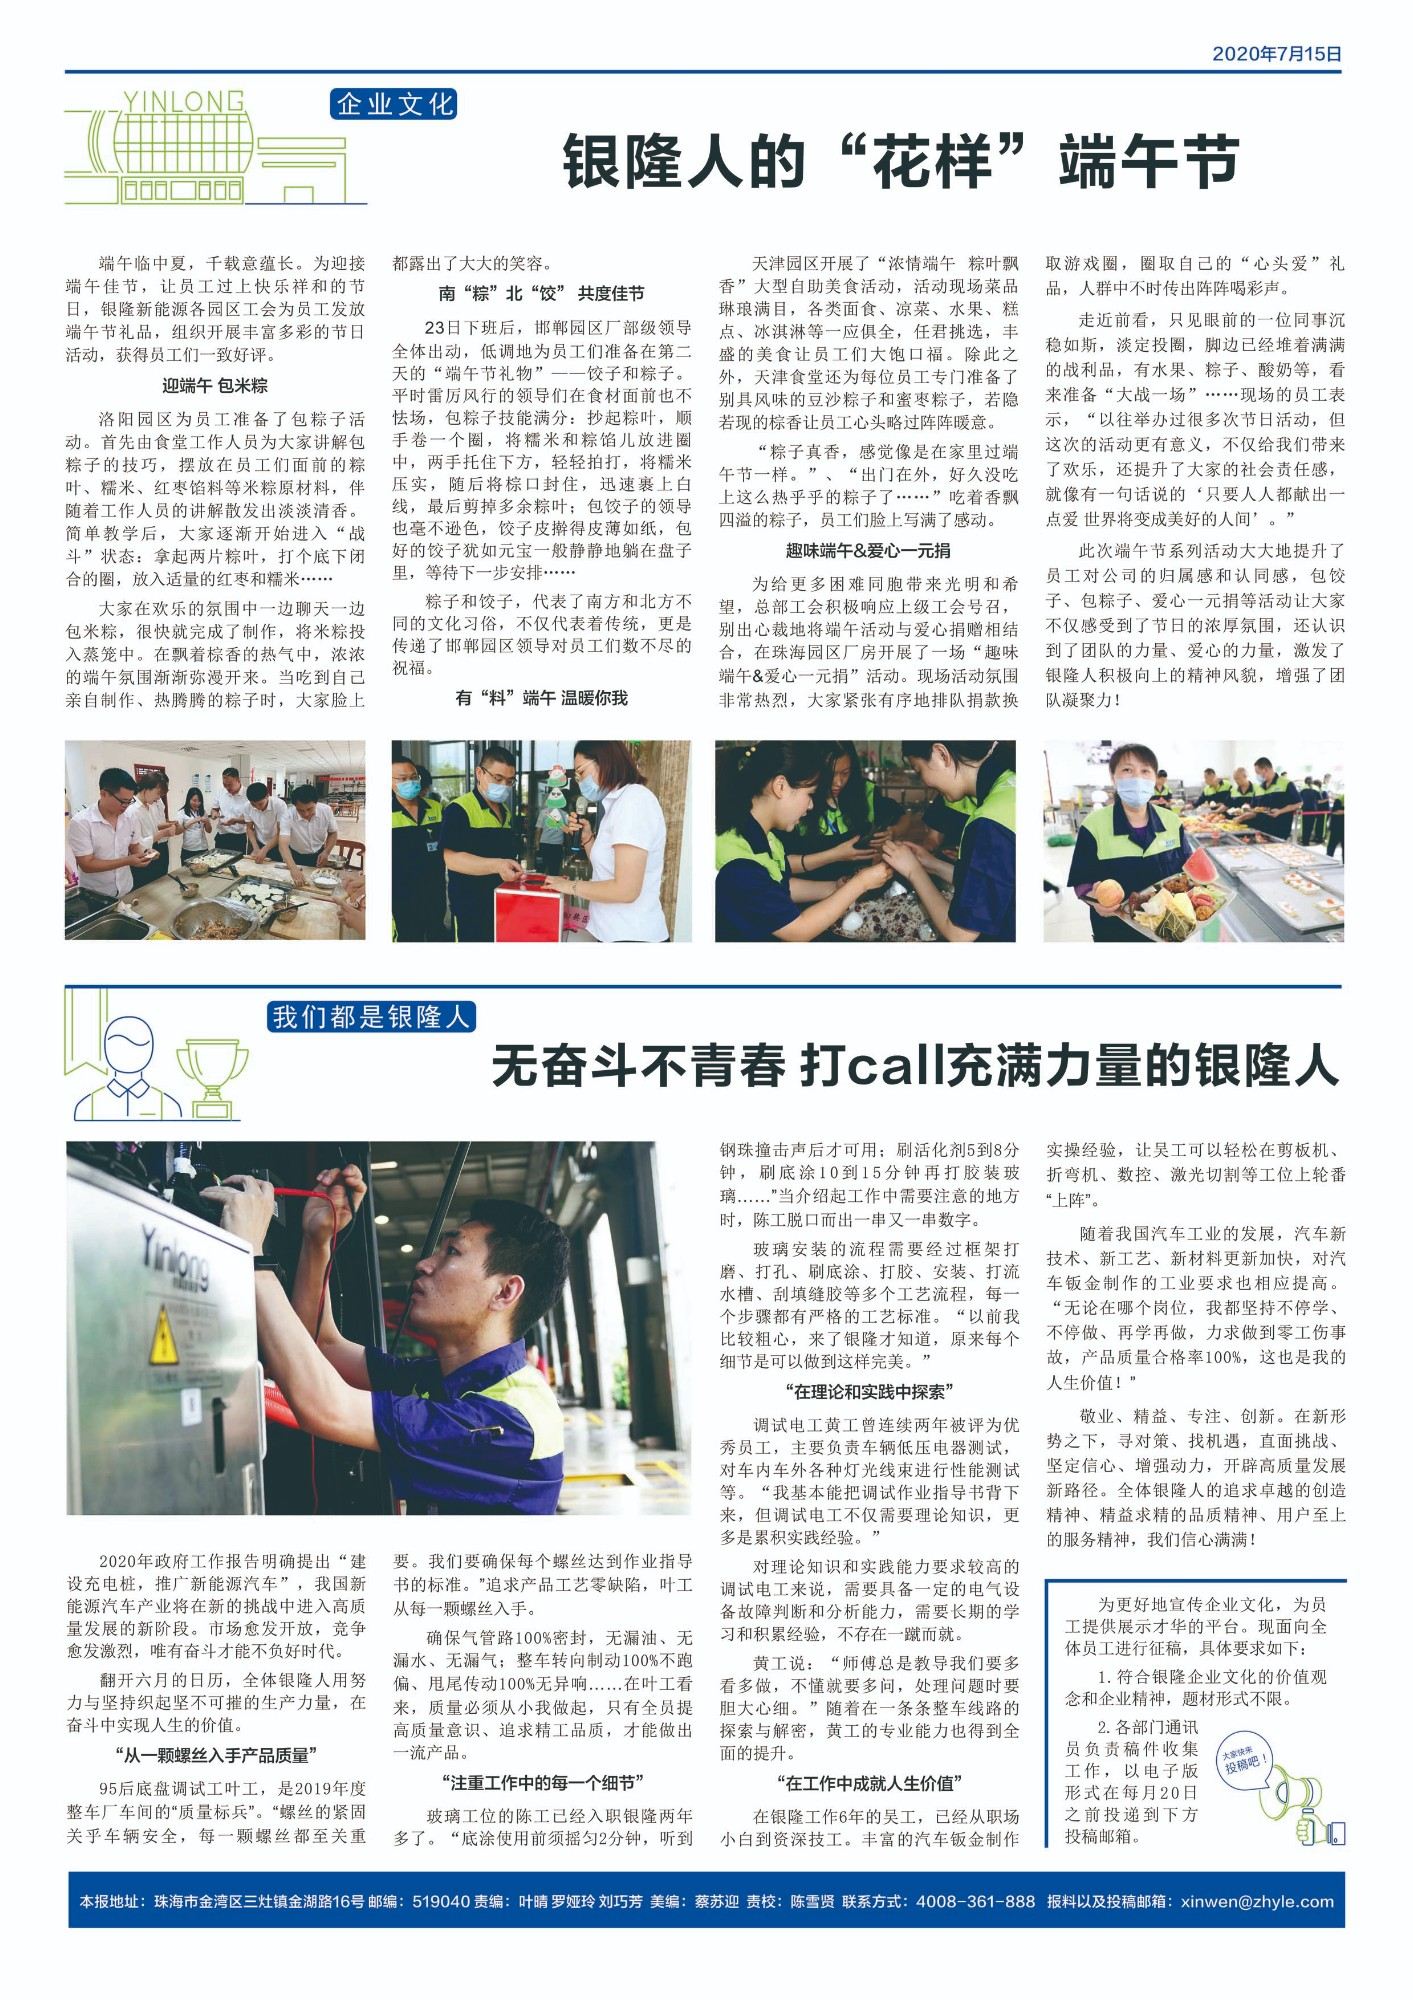 《雷竞技雷竞技官网DOTA2,LOL,CSGO最佳电竞赛事竞猜》报-第七期  第四版